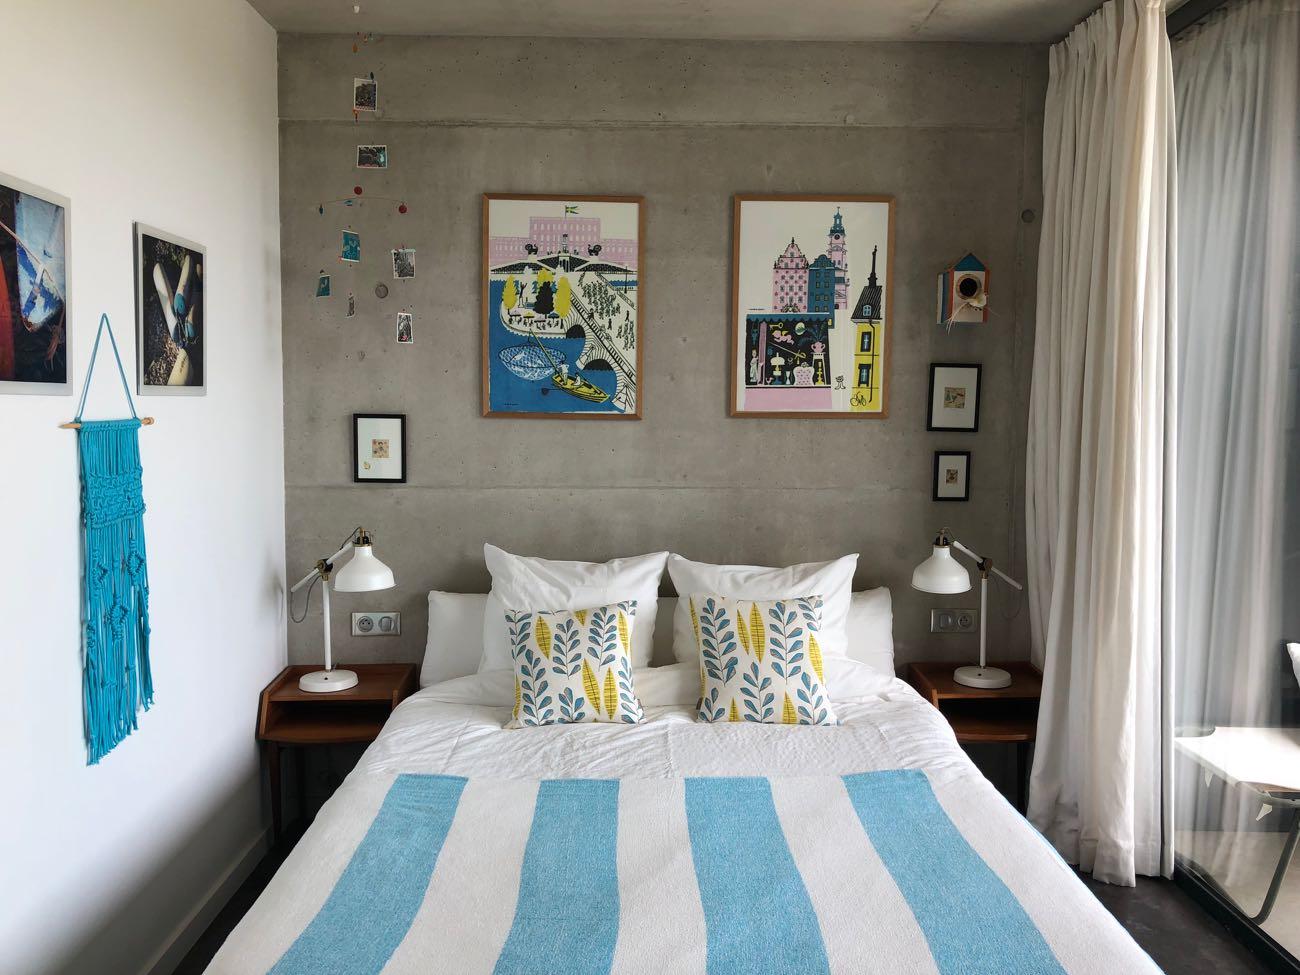 Chambre Provencale Idee Deco maison jalon - chambres d'hôtes à aix-en-provence - love spots